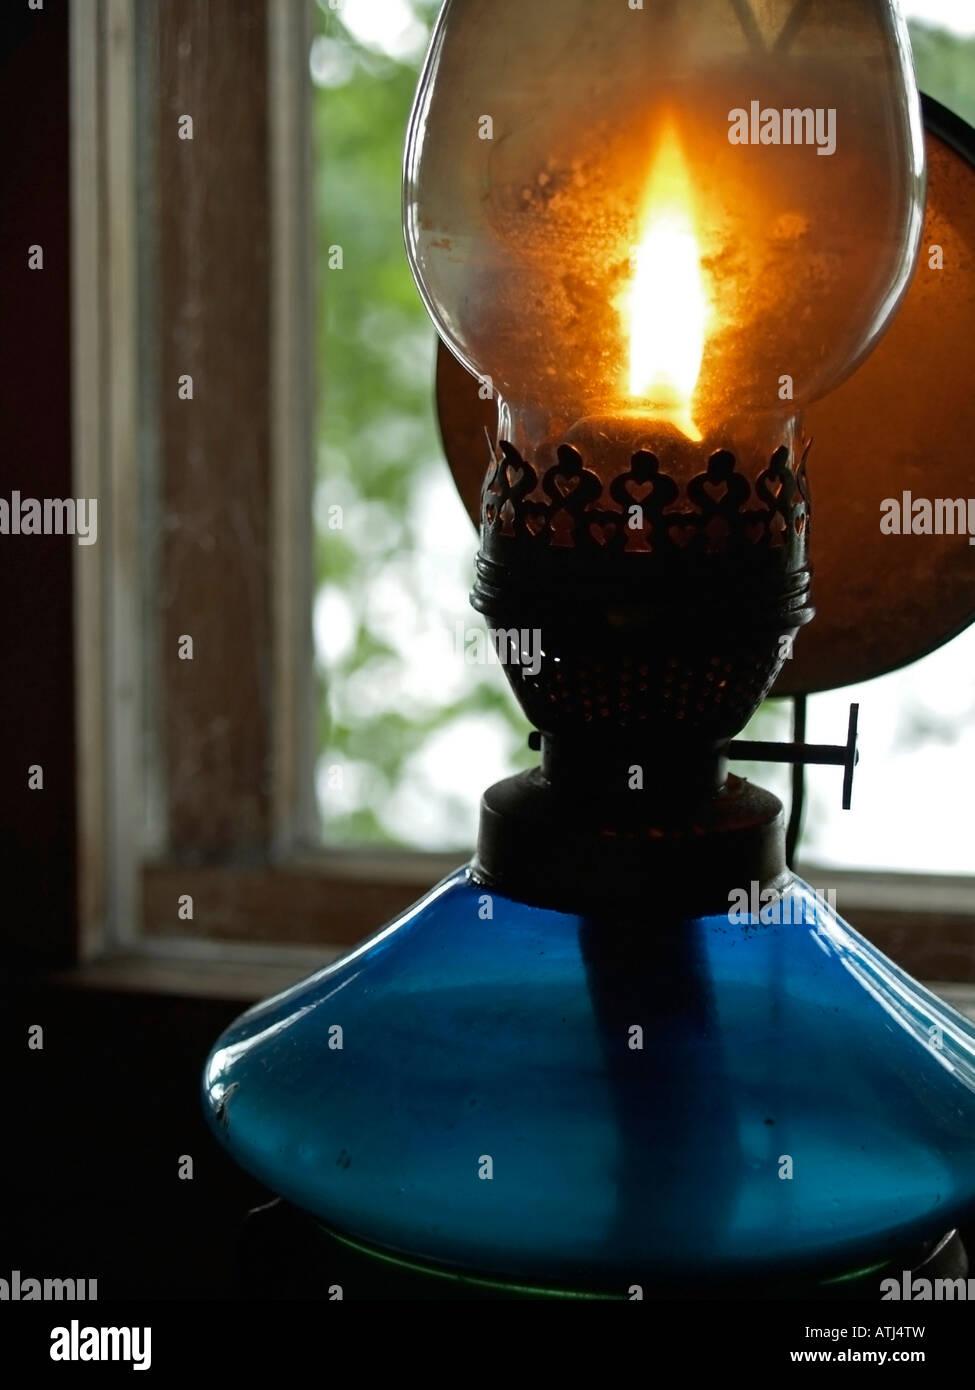 Il vecchio olio lampada che arde con fiamma luminosa in corrispondenza della finestra Immagini Stock